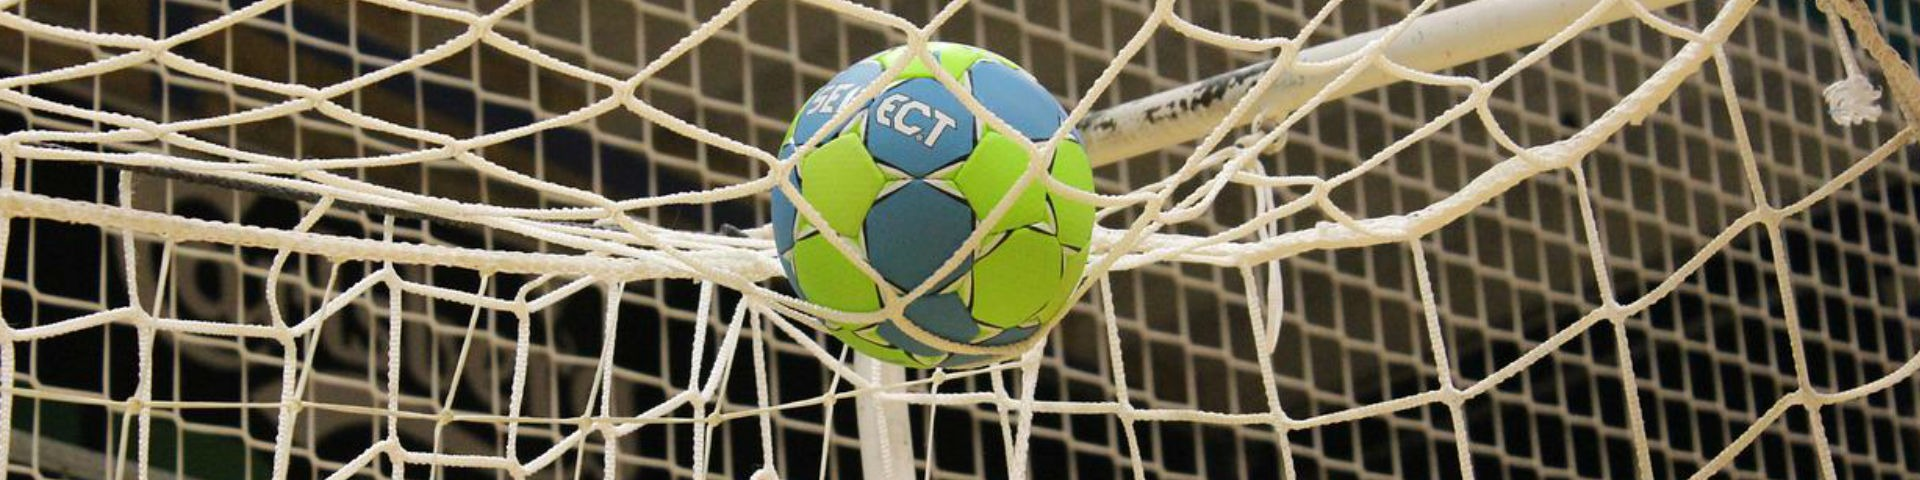 БК «Лига Ставок»: Испания победит на ЧЕ-2020 по гандболу